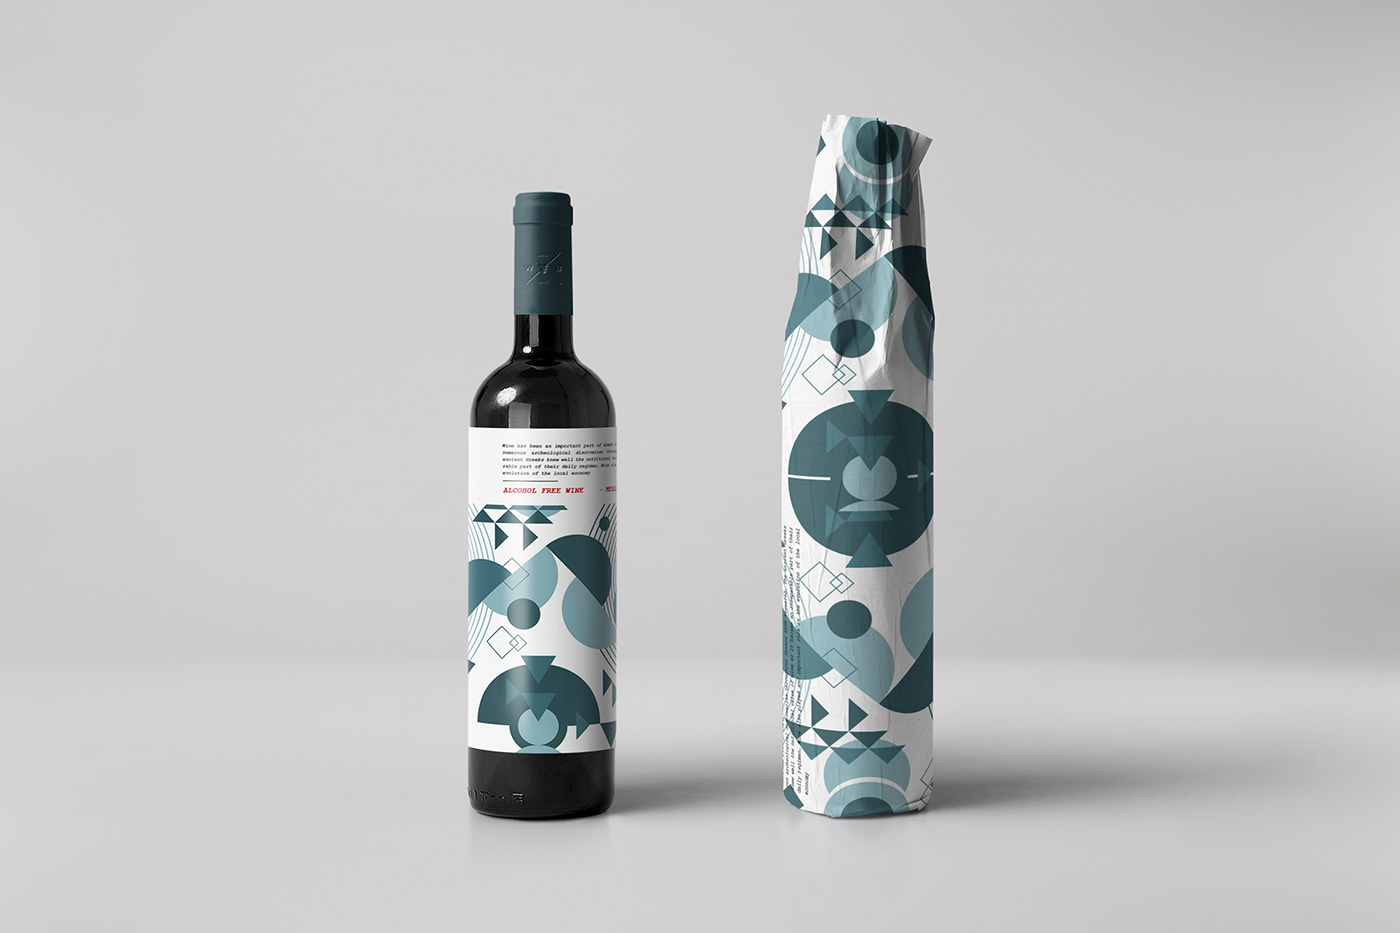 細緻的29 款酒瓶包裝設計欣賞